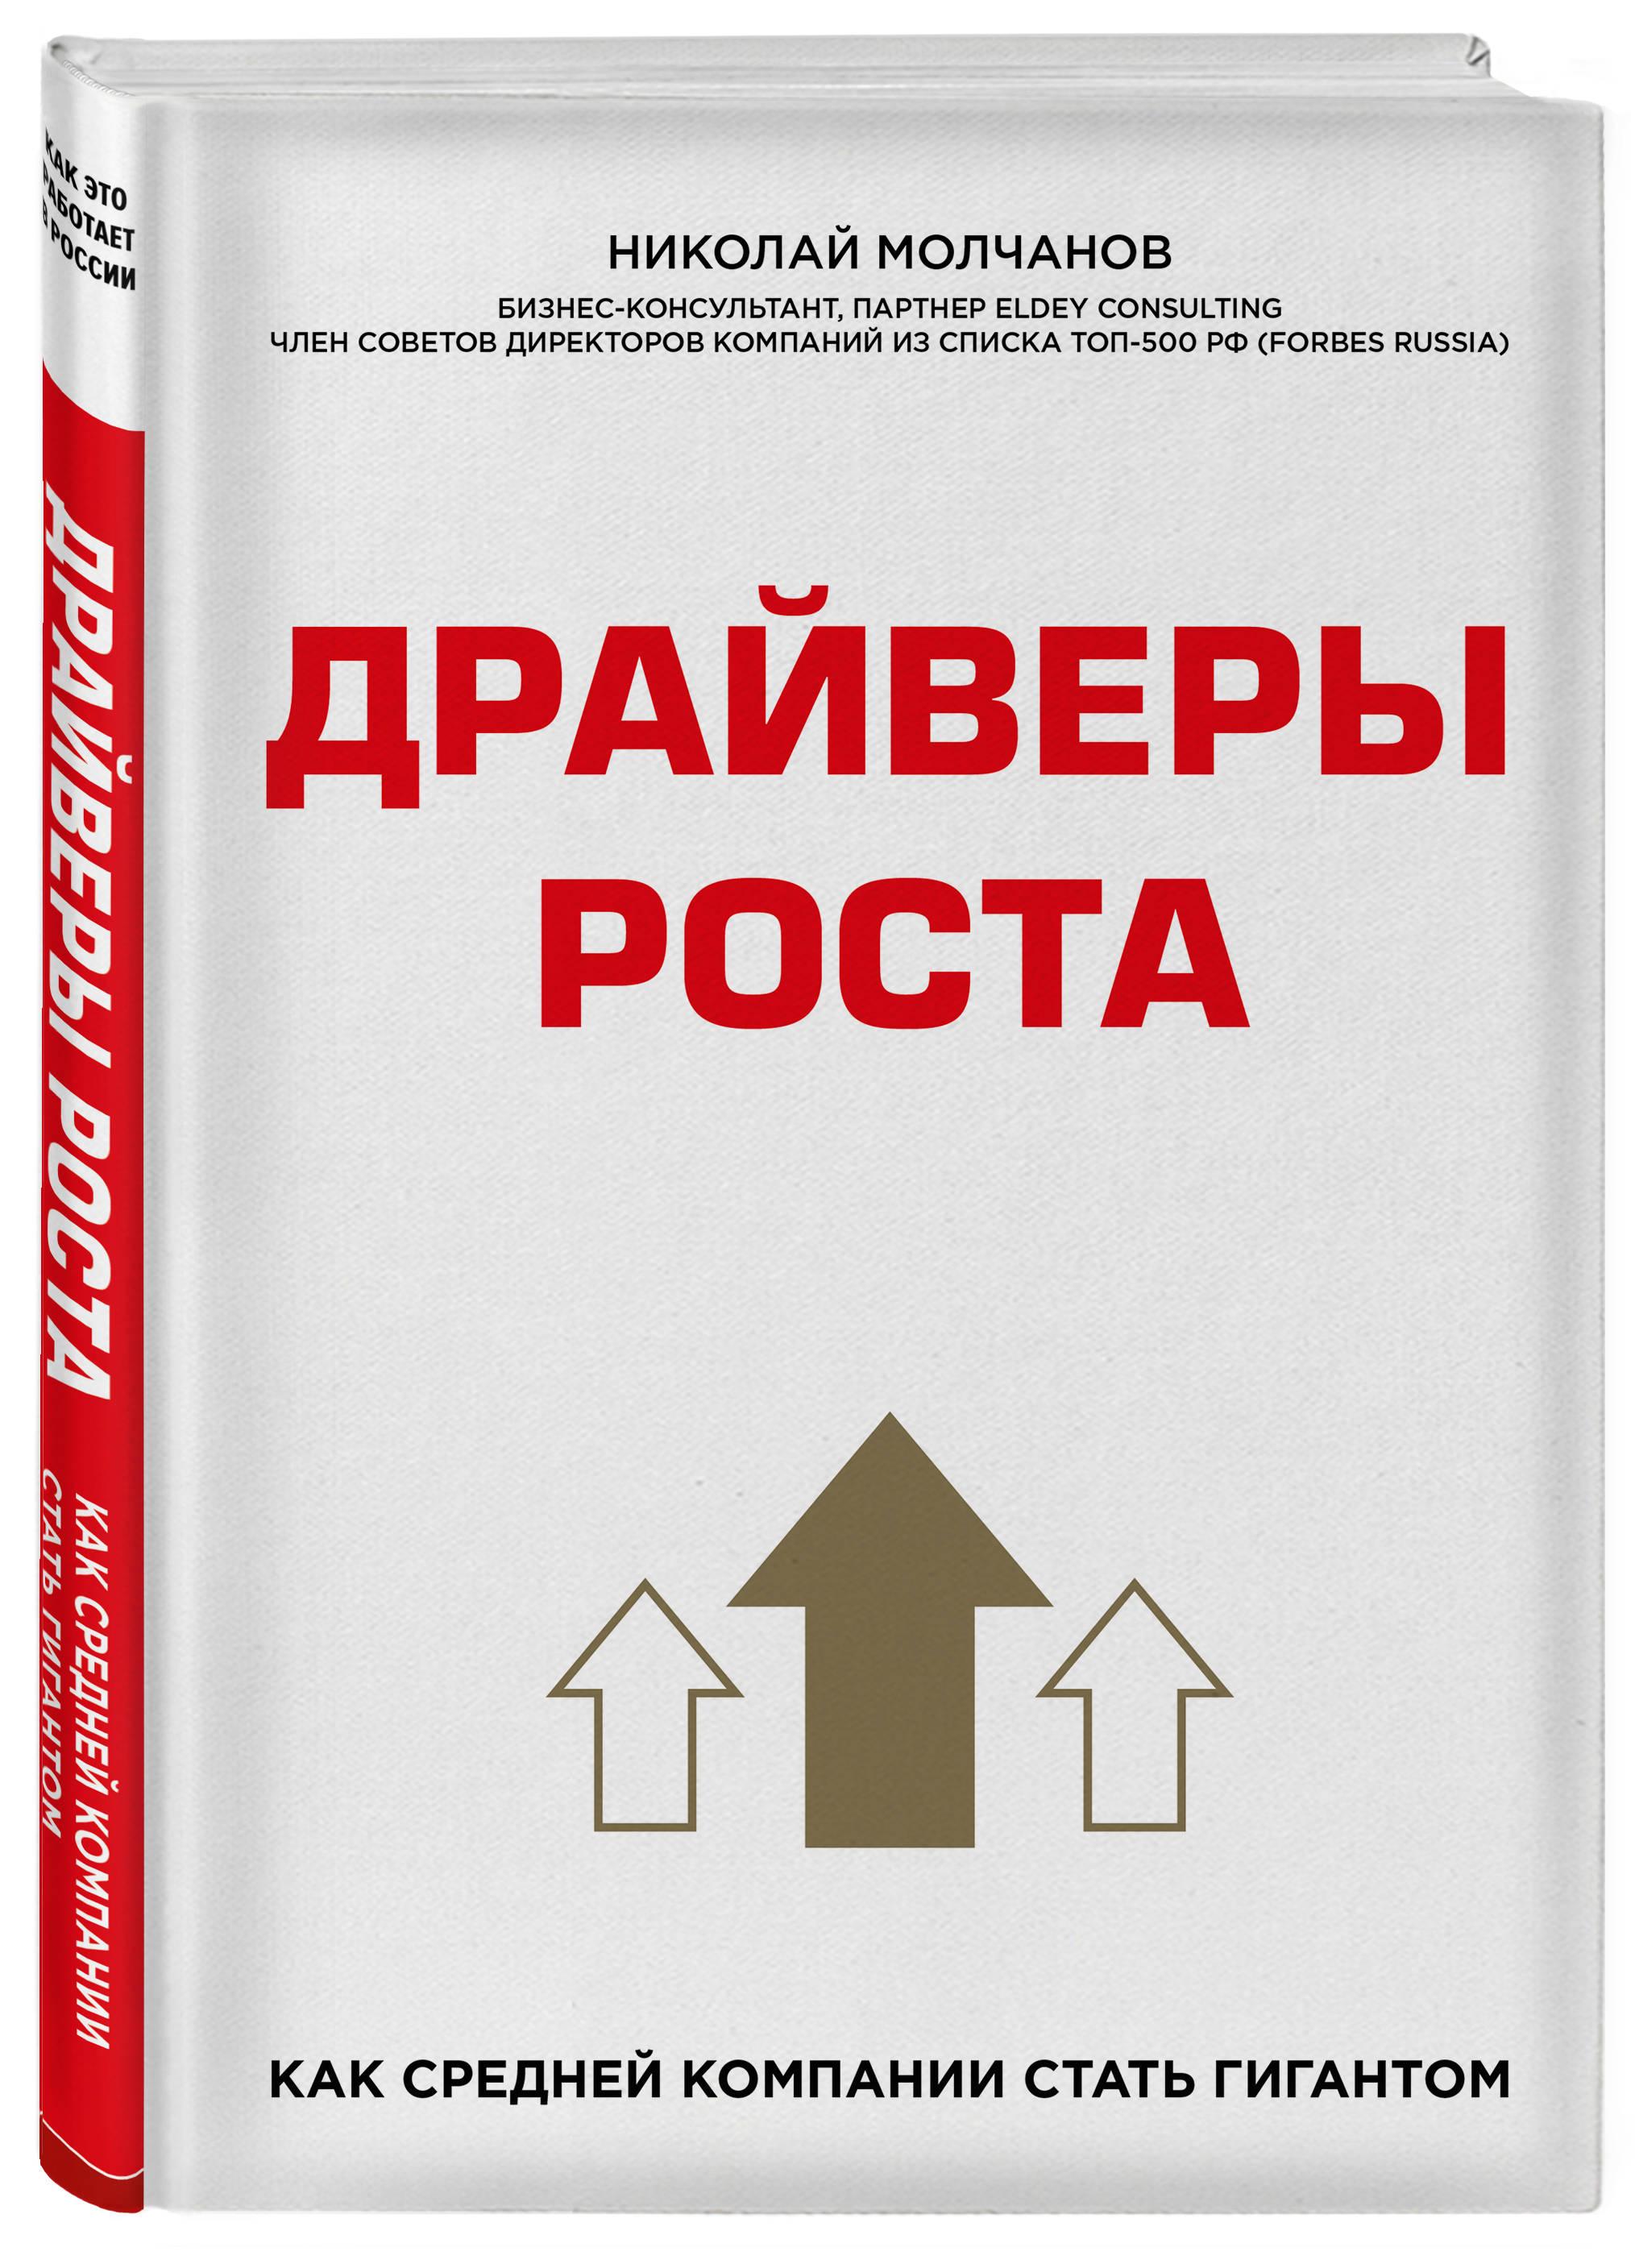 Николай Молчанов Драйверы роста. Как средней компании стать гигантом тарифный план